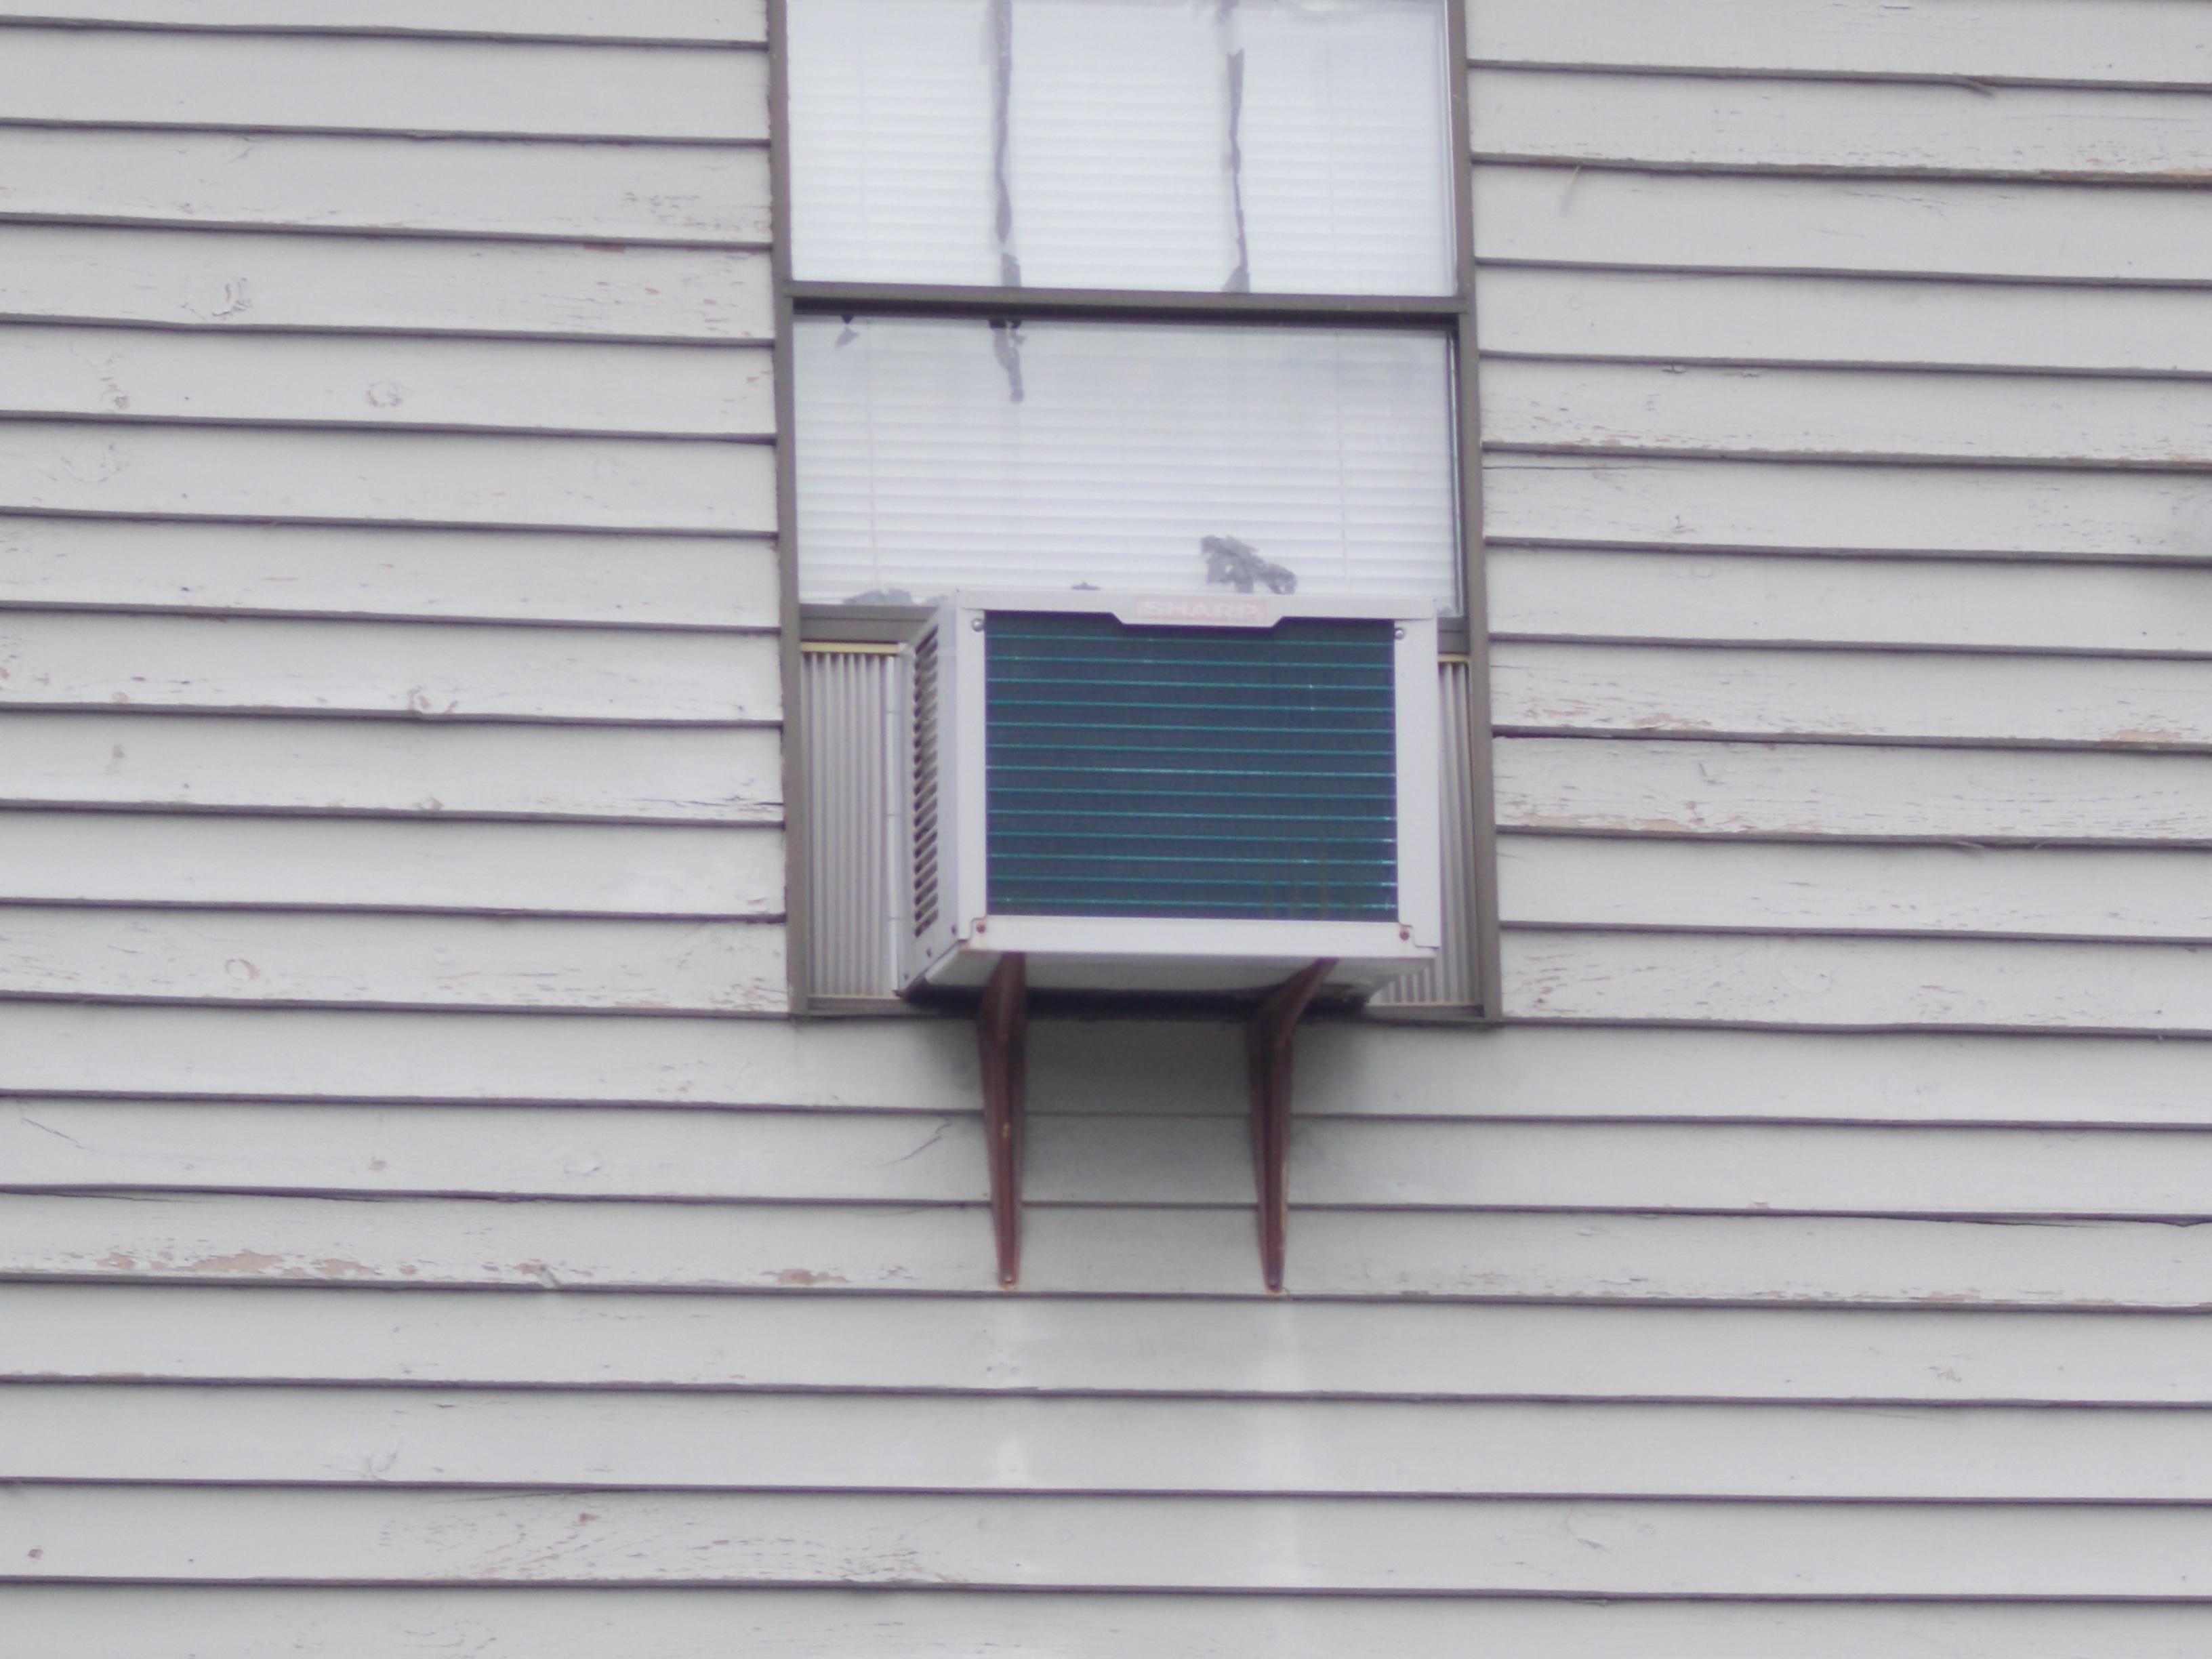 AIR CONDITIONER SUPPORT BRACKETS Aspetuck Village #40596D